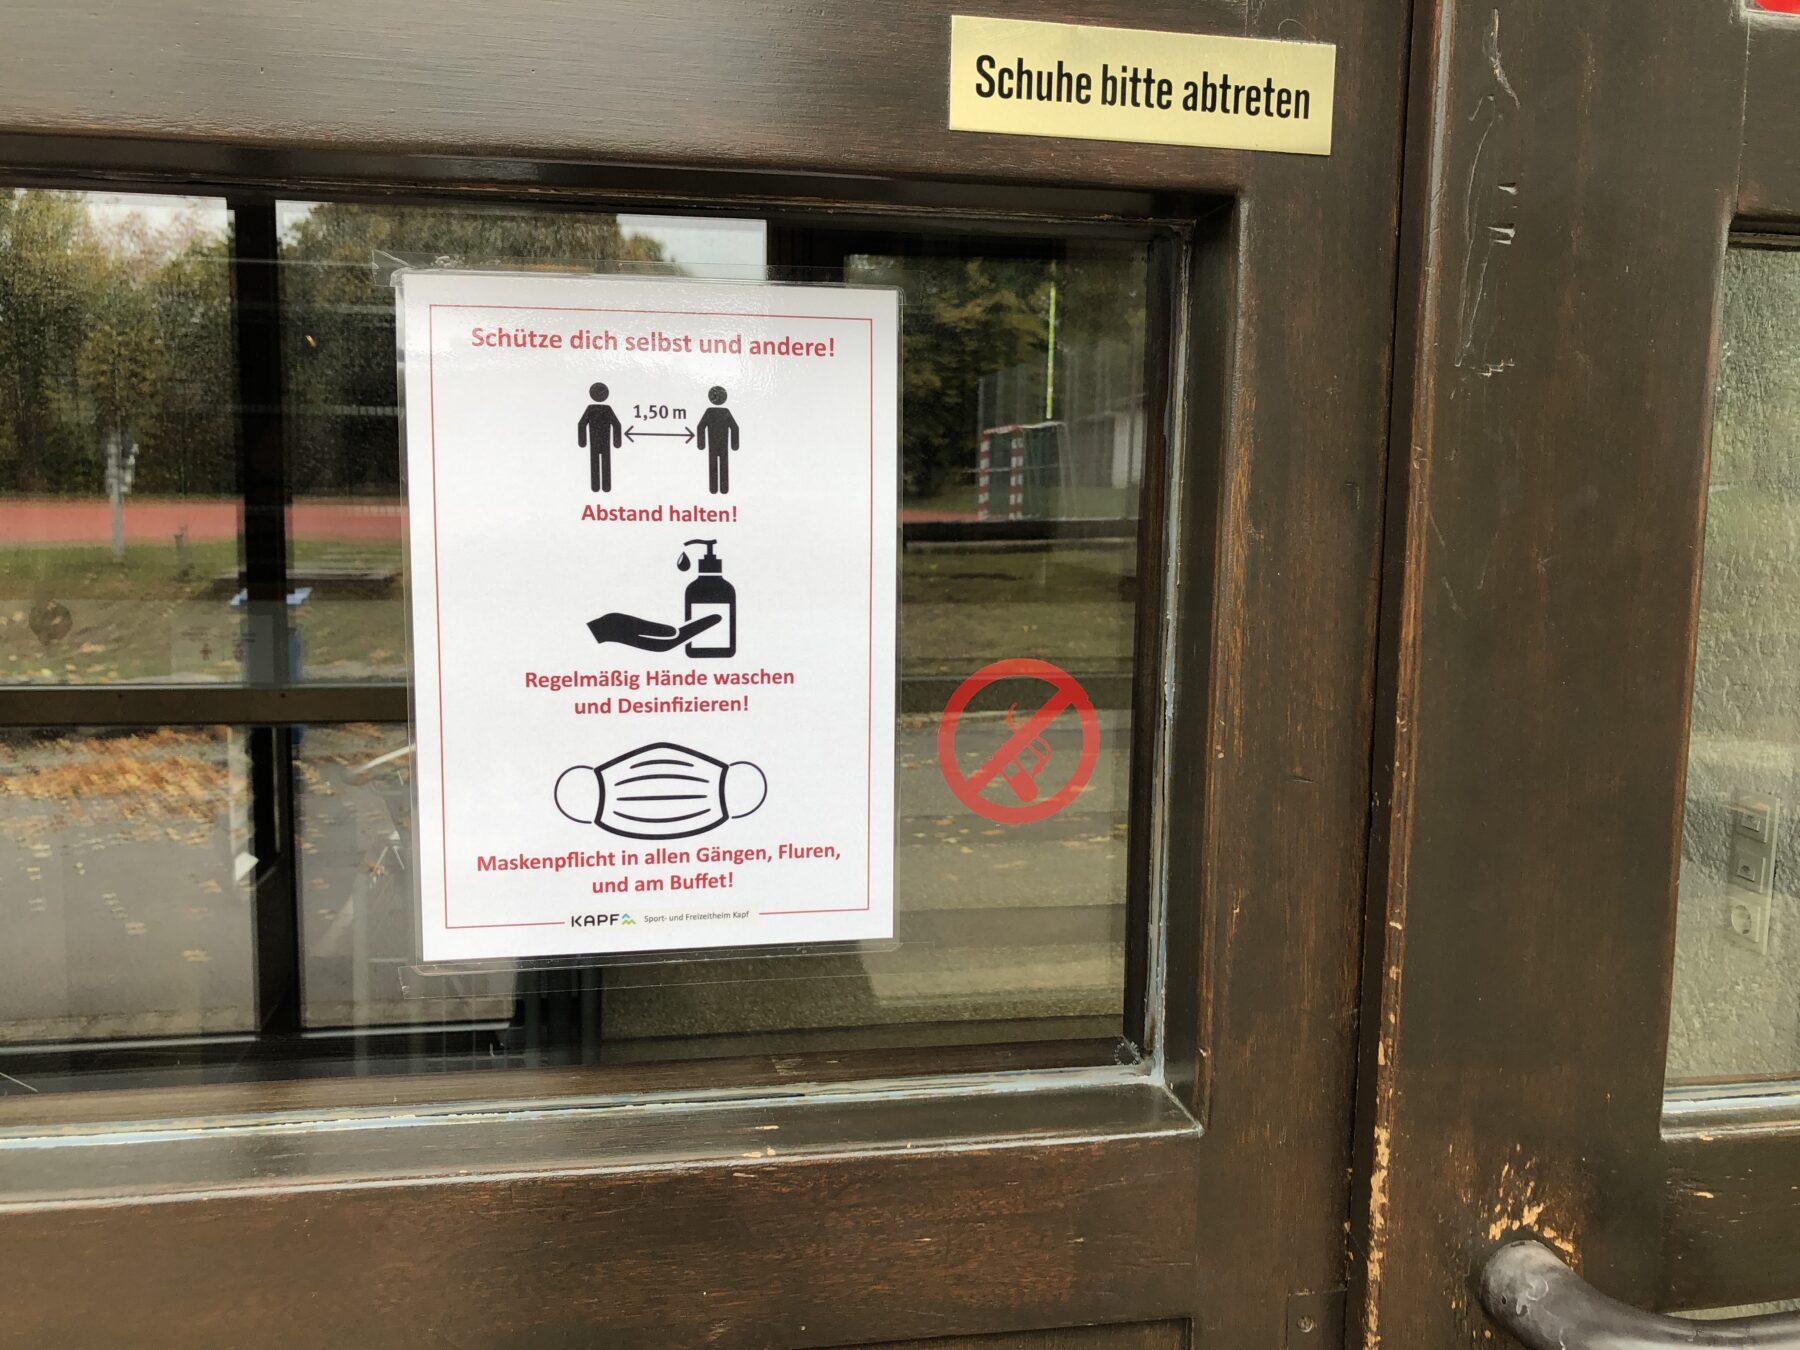 Bild im Eingangsbereich des Freizeitheims mit Hygienehinweisen.